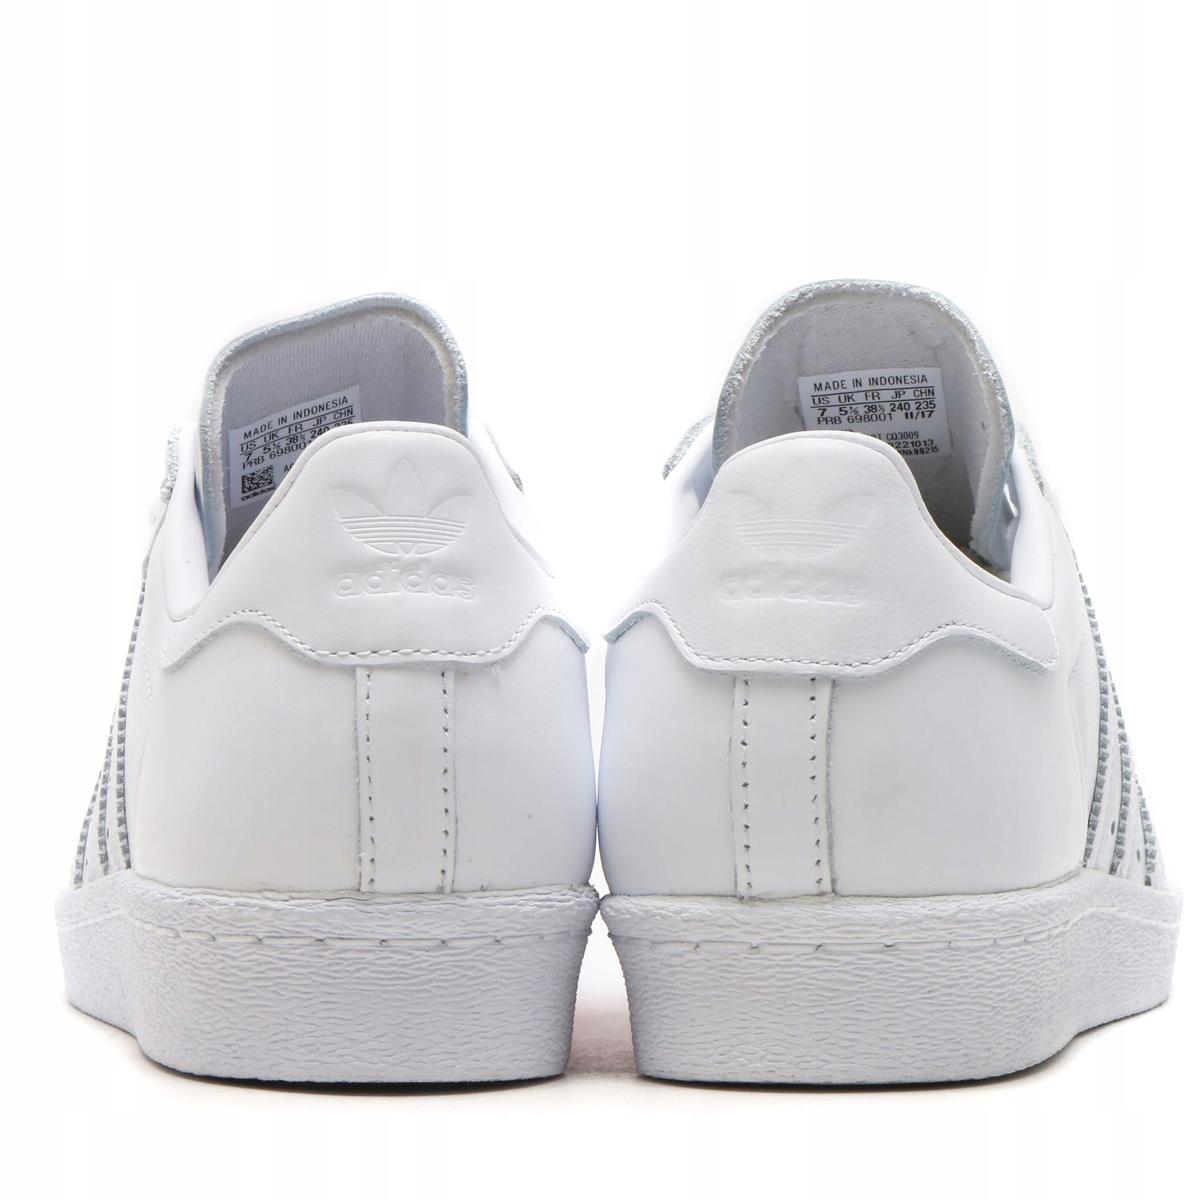 8dc4bbe5 Buty Adidas SUPERSTAR CQ3009 białe Walentynki 41 - 7820186703 ...